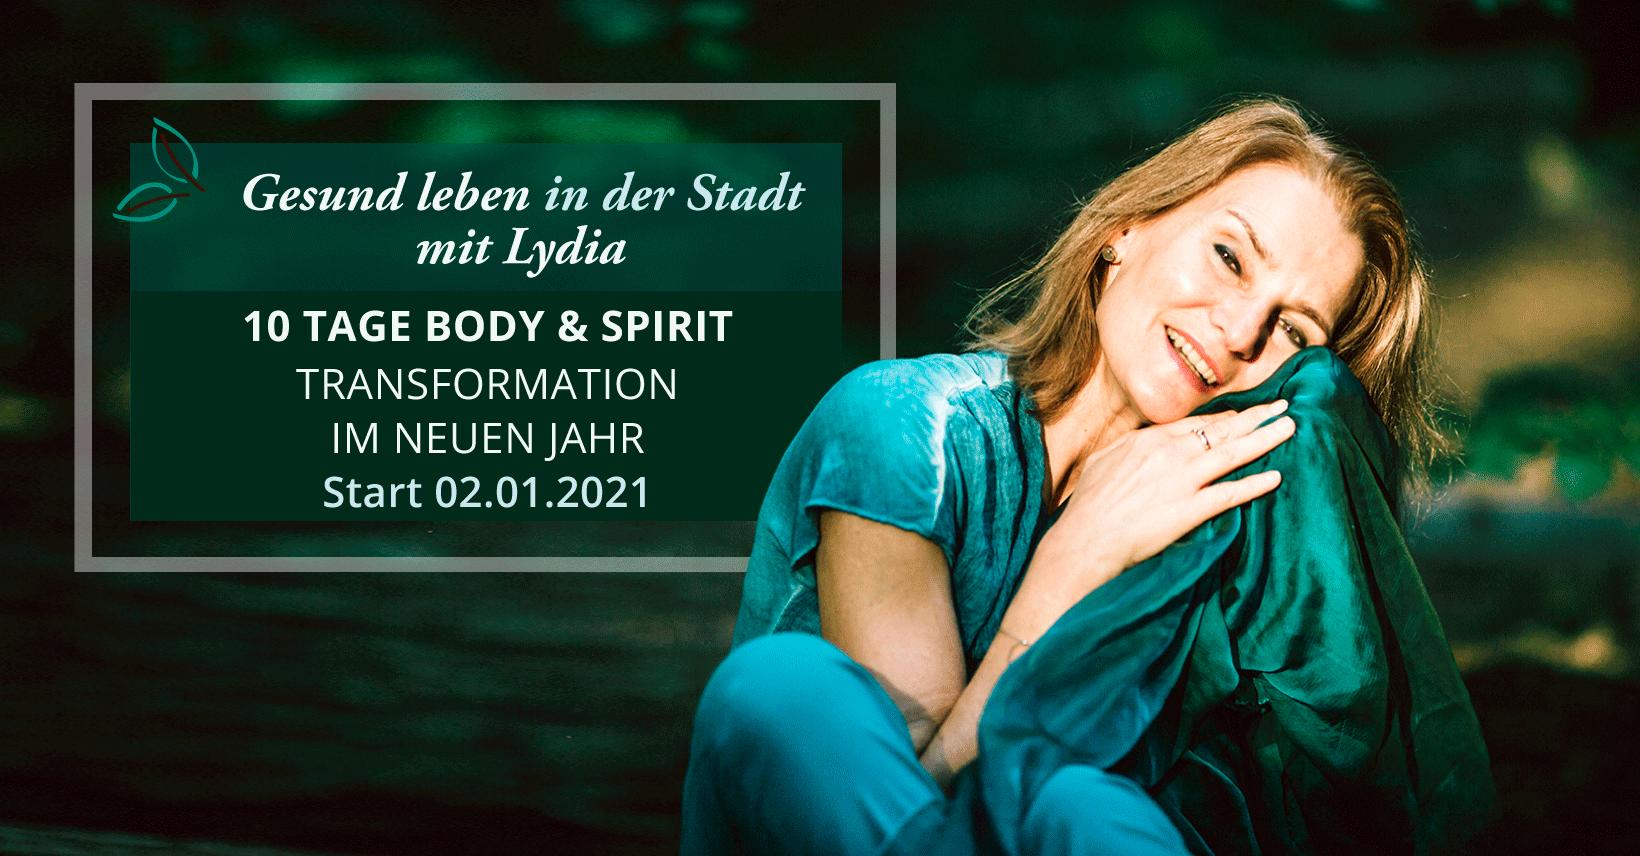 Gesund leben in der Stadt mit Lydia Fillbach - 10 Tage Body und Spirit Transformation im Neuen Jahr. Start 02.01.2021